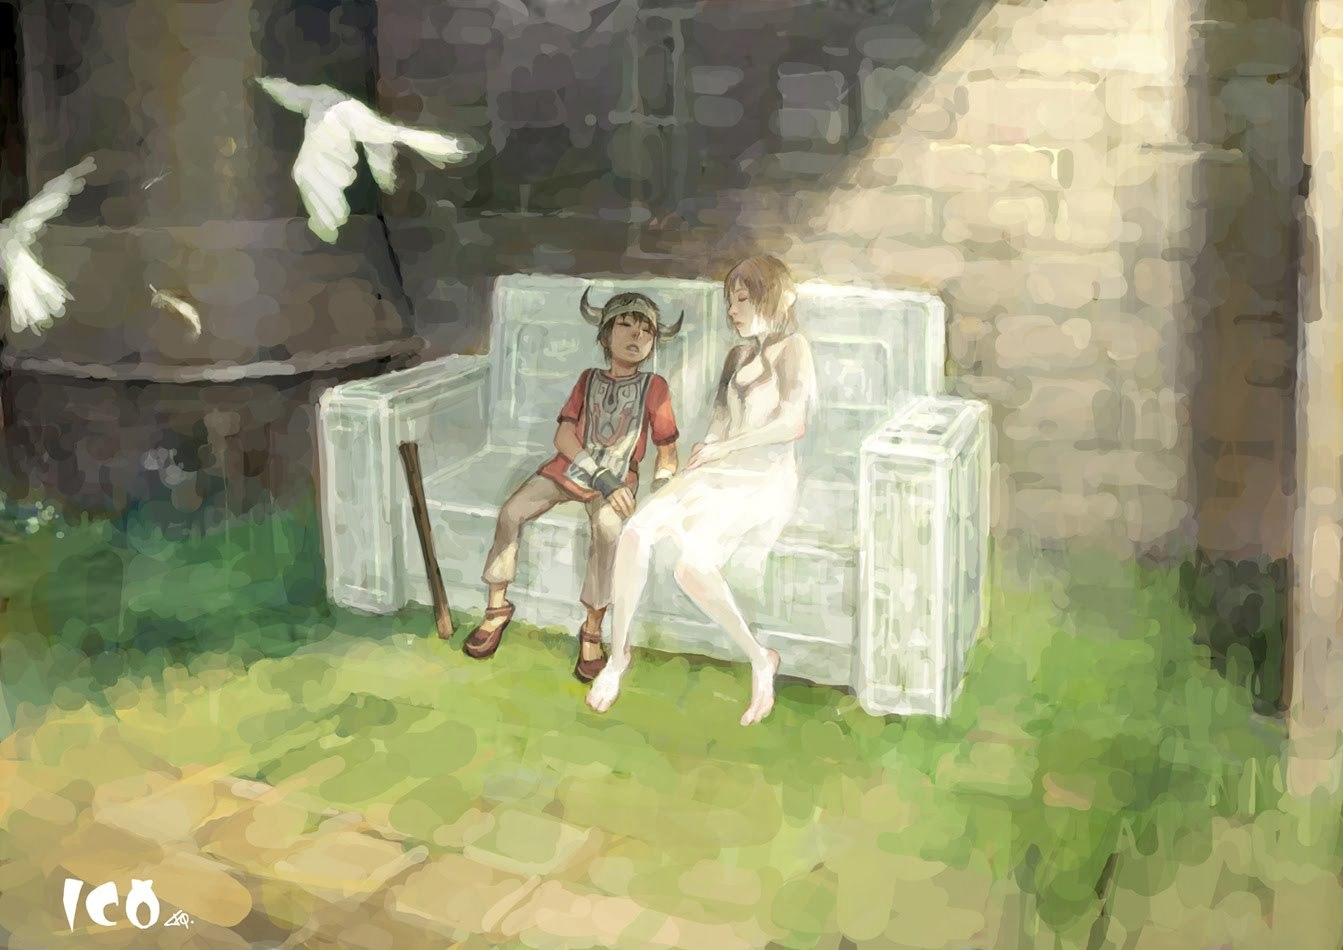 Как связаны людология, Ёрда и нарративность, или Почему кролик не пошел домой? - 4